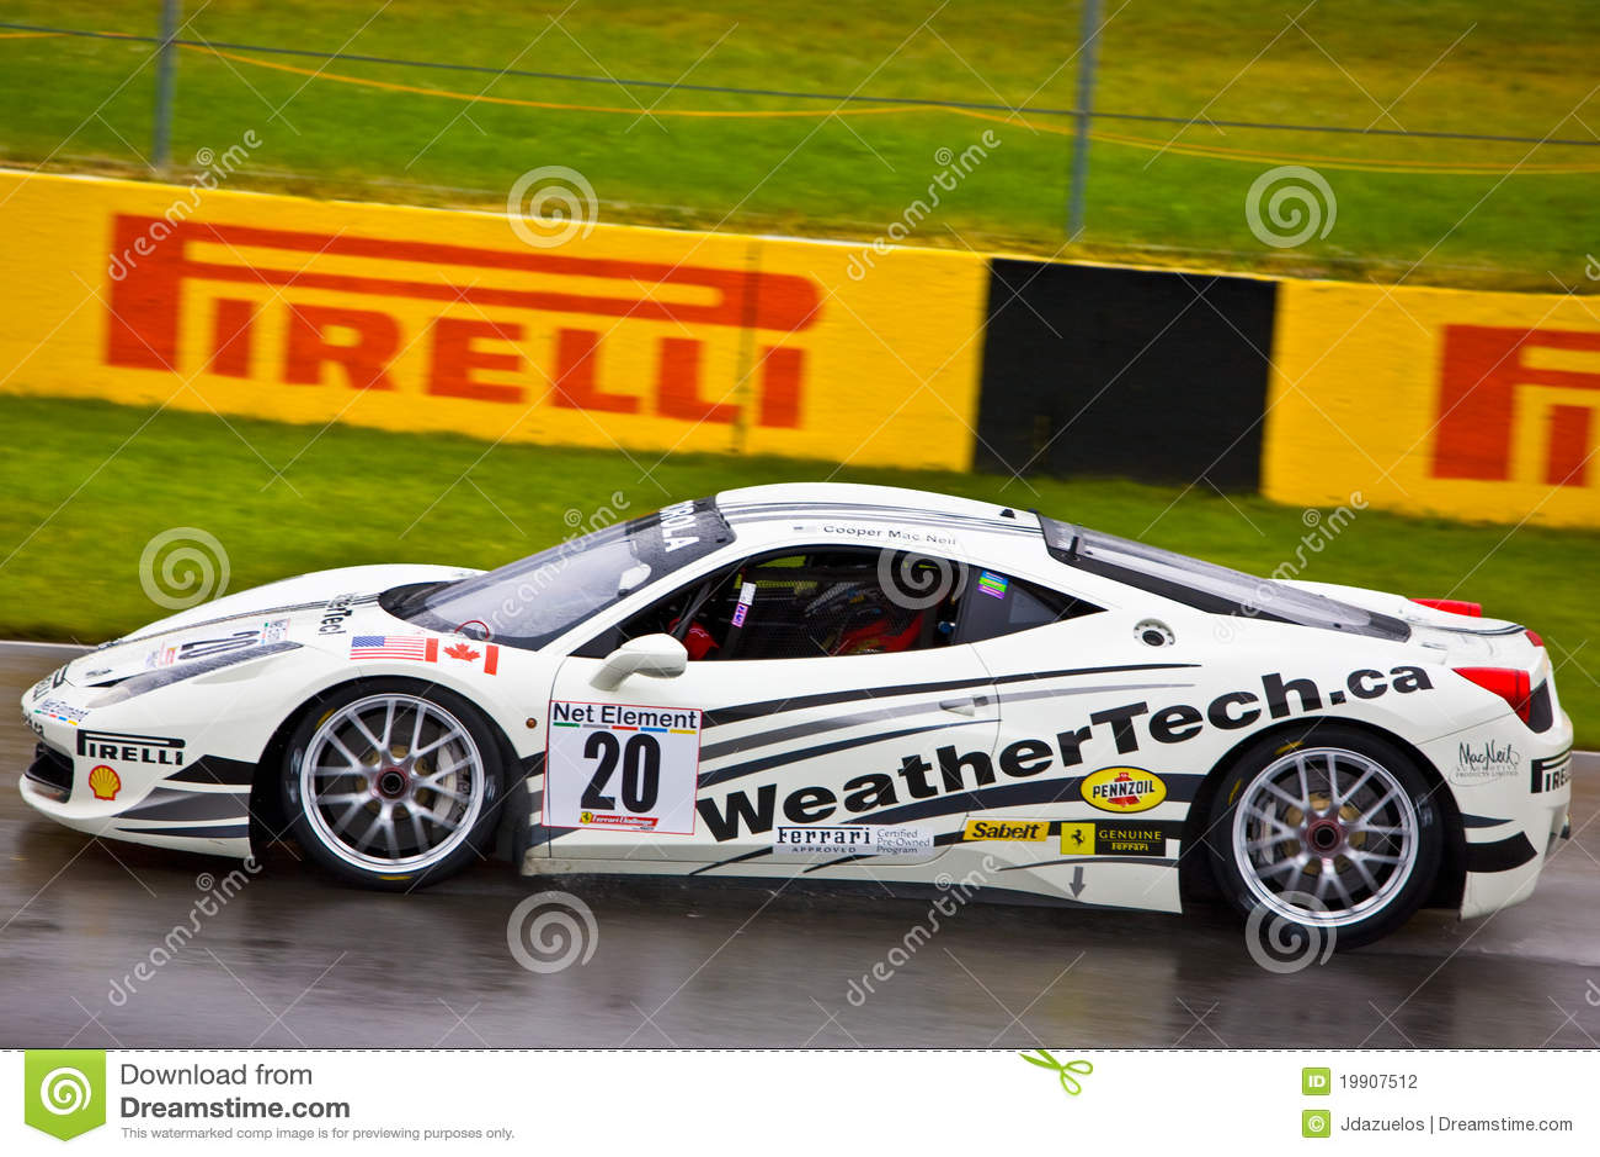 weathertech ferrari racing at montreal grand prix editorial image cartoondealer   19907512